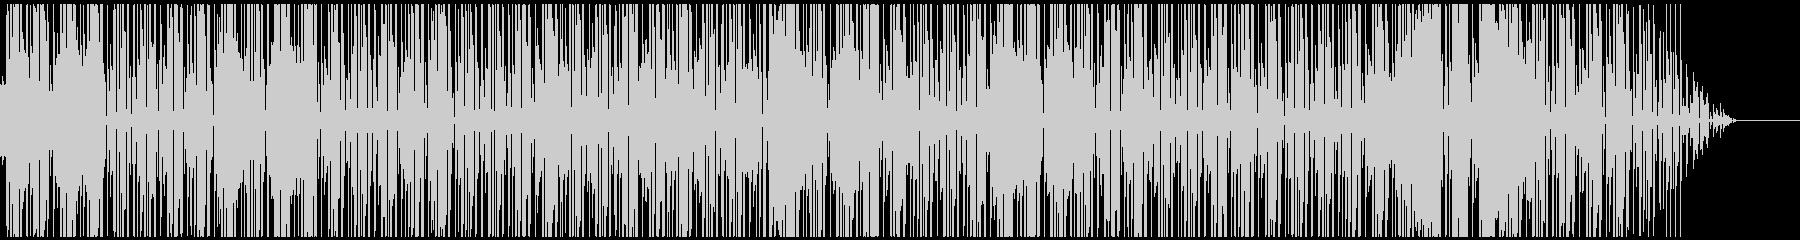 ファンキーなサックス、カッティングギターの未再生の波形